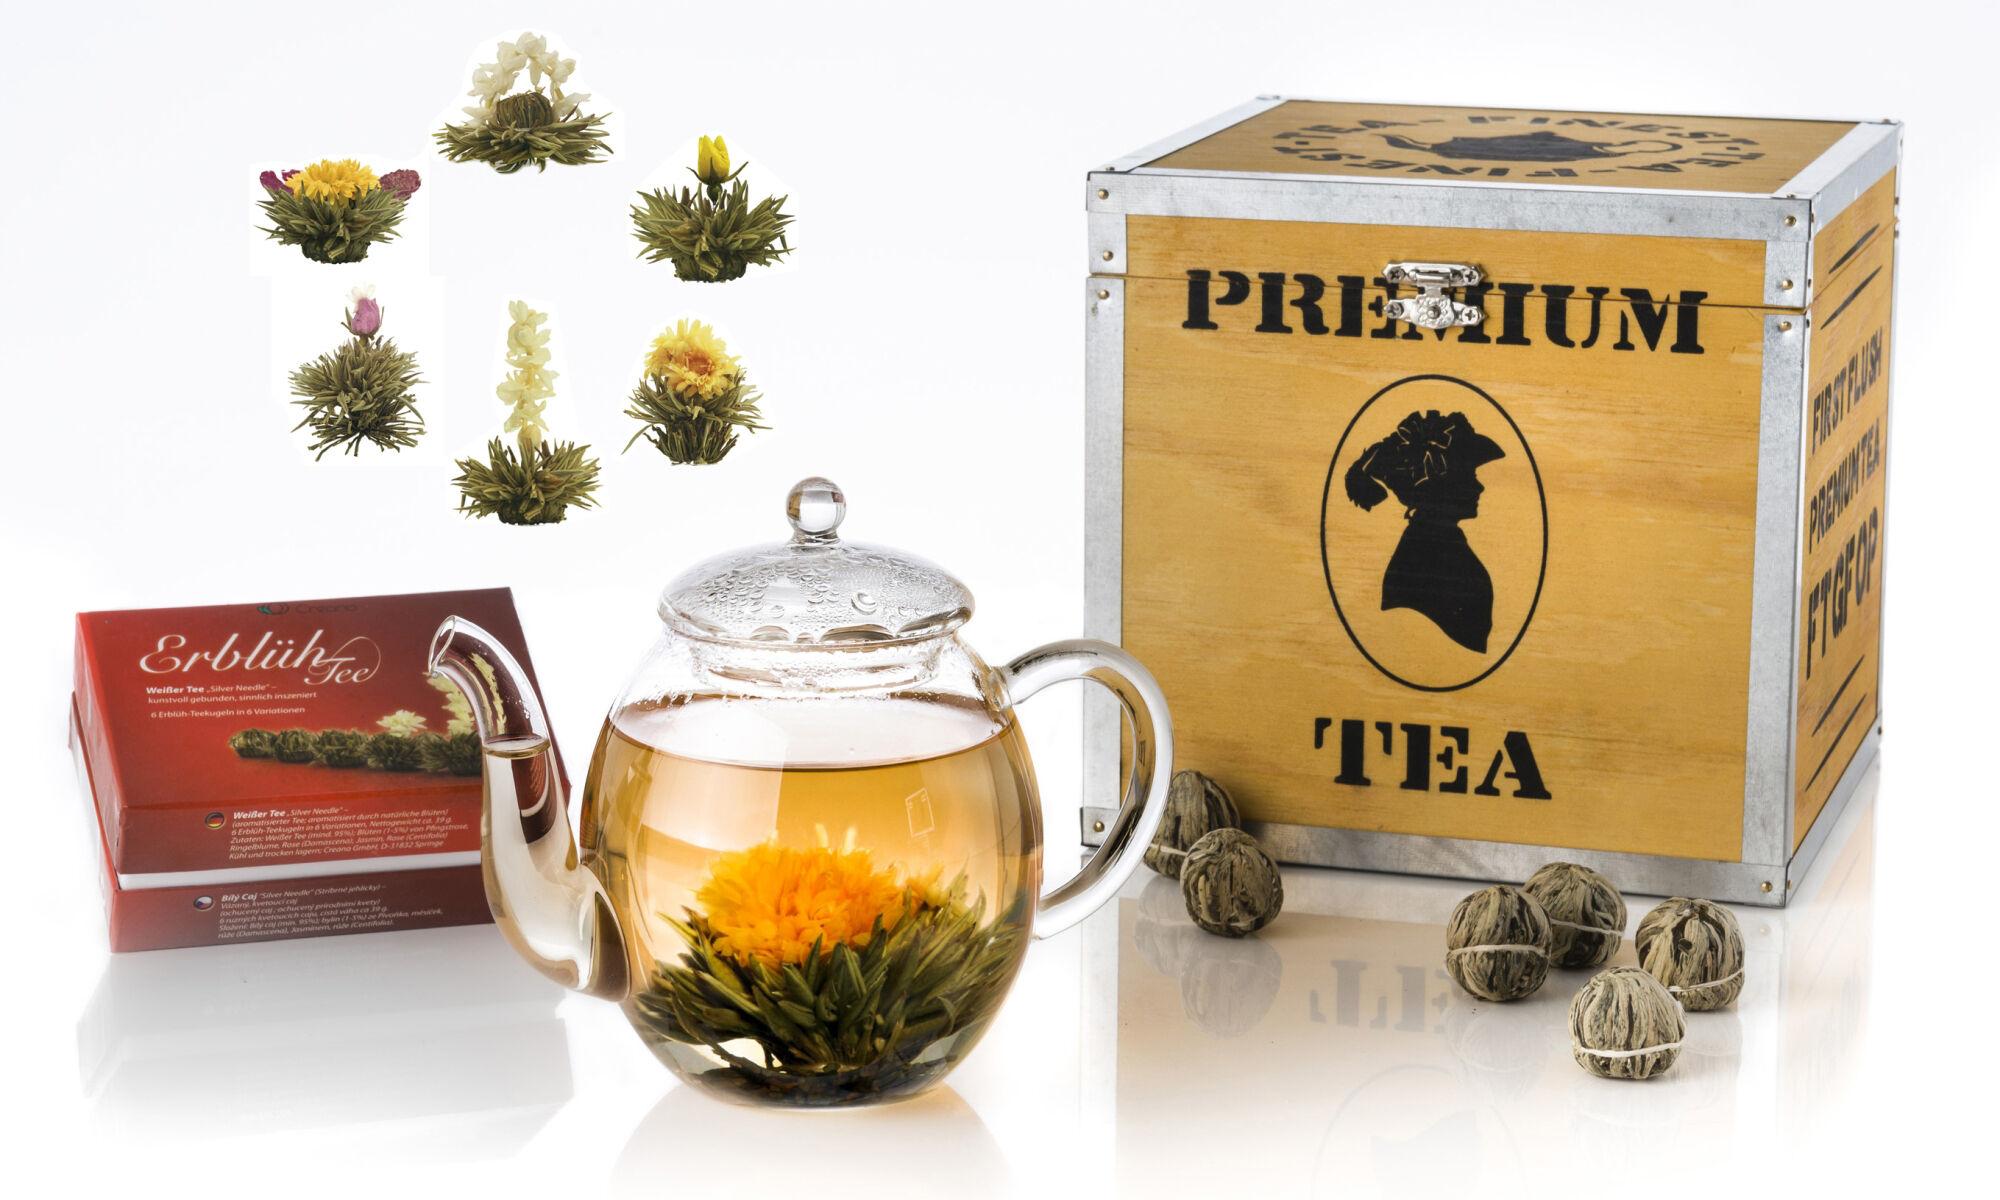 Coffret cadeau thé blanc en bois avec une sélection de six fleurs de thé blanches et une théière en verre de 500 ml